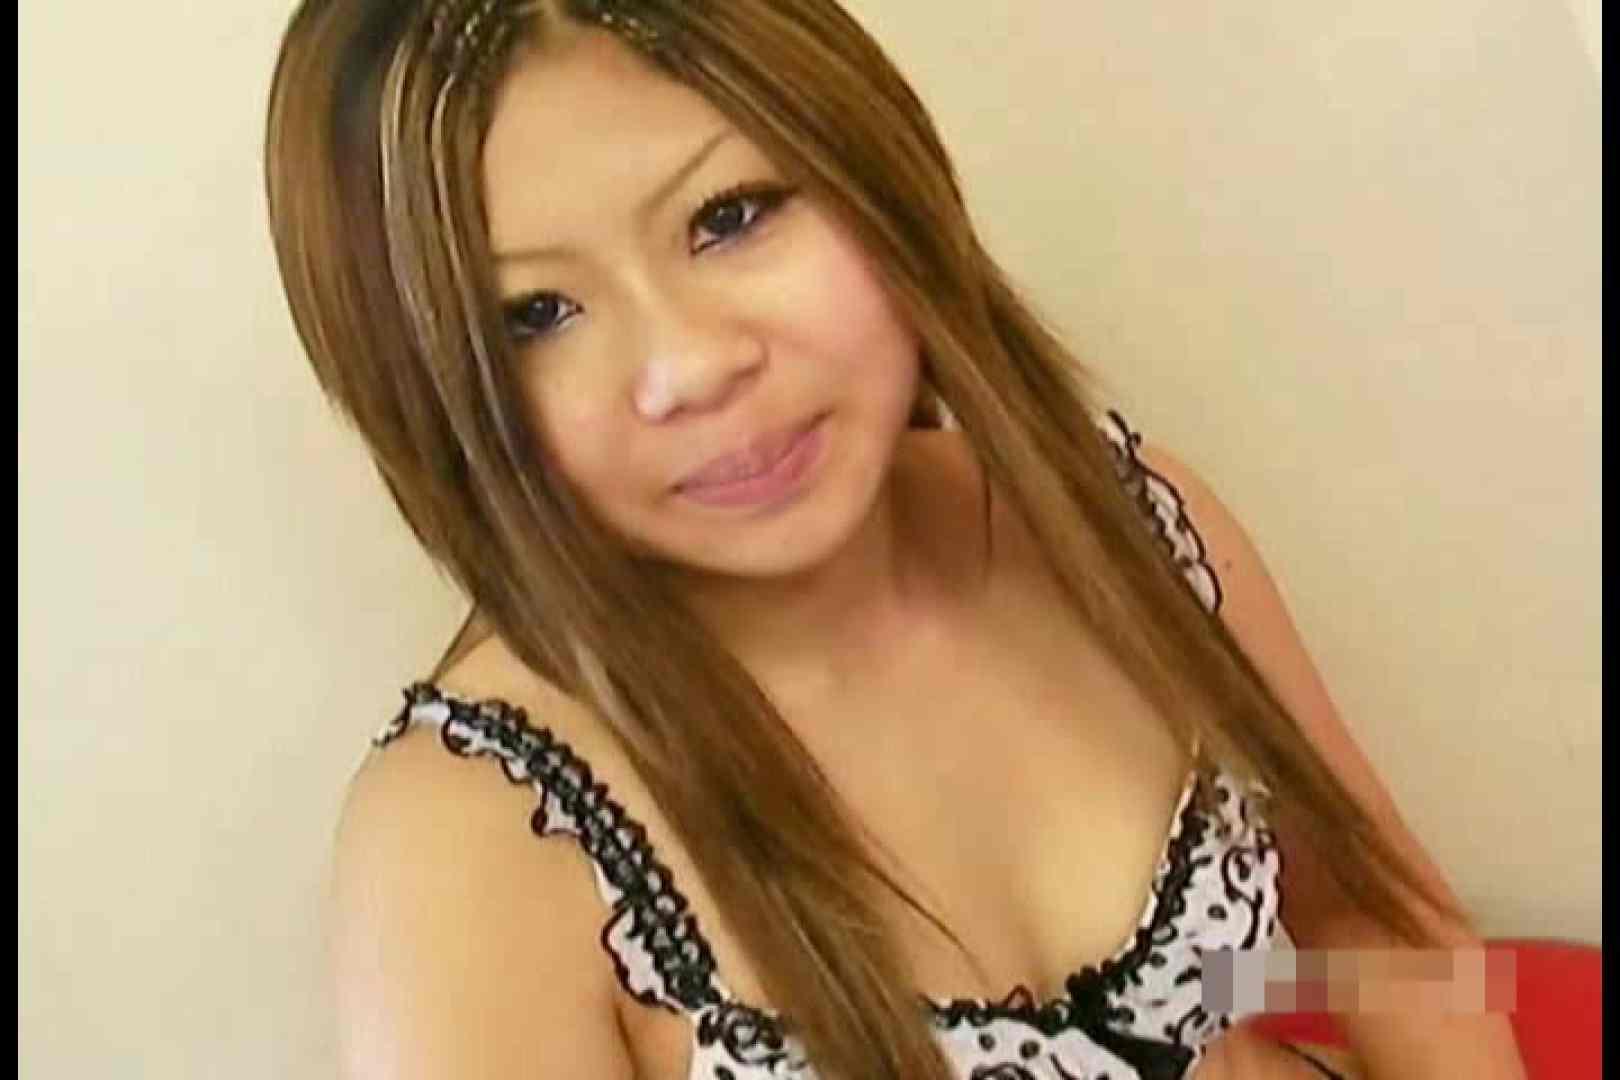 素人撮影 下着だけの撮影のはずが・・・幸子18歳 着替え  81pic 30